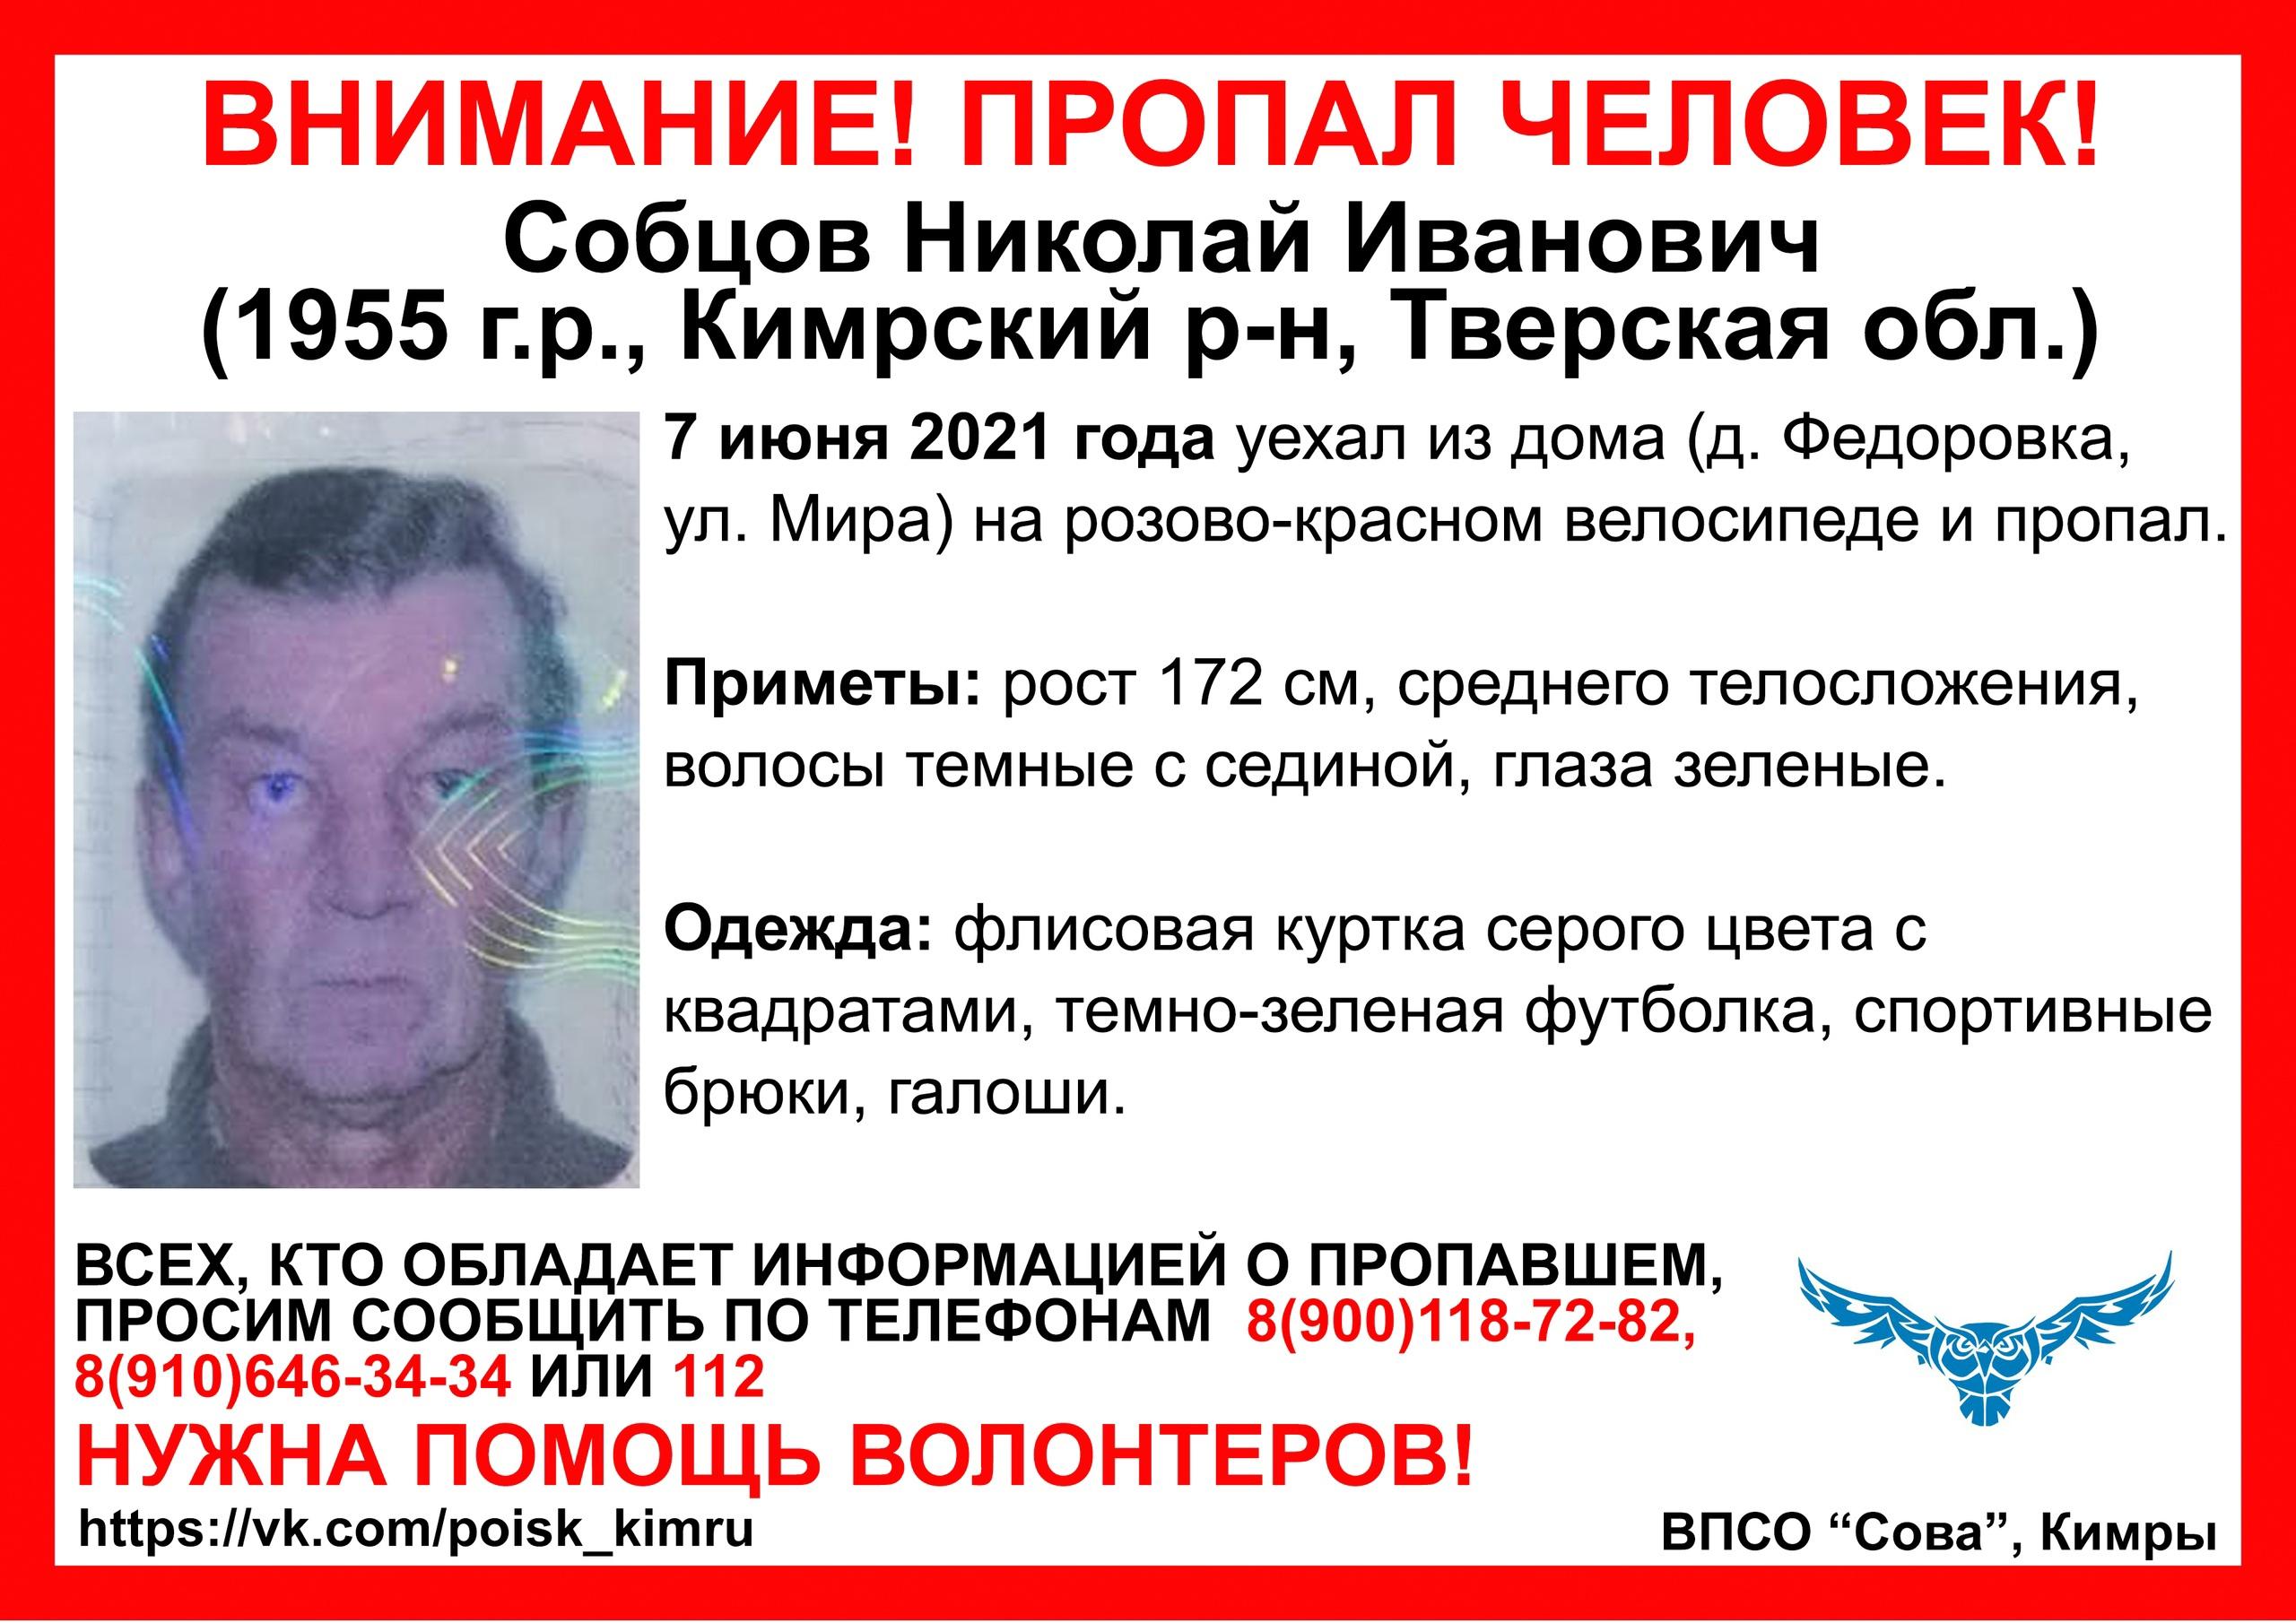 Житель Тверской области уехал из дома на велосипеде и пропал